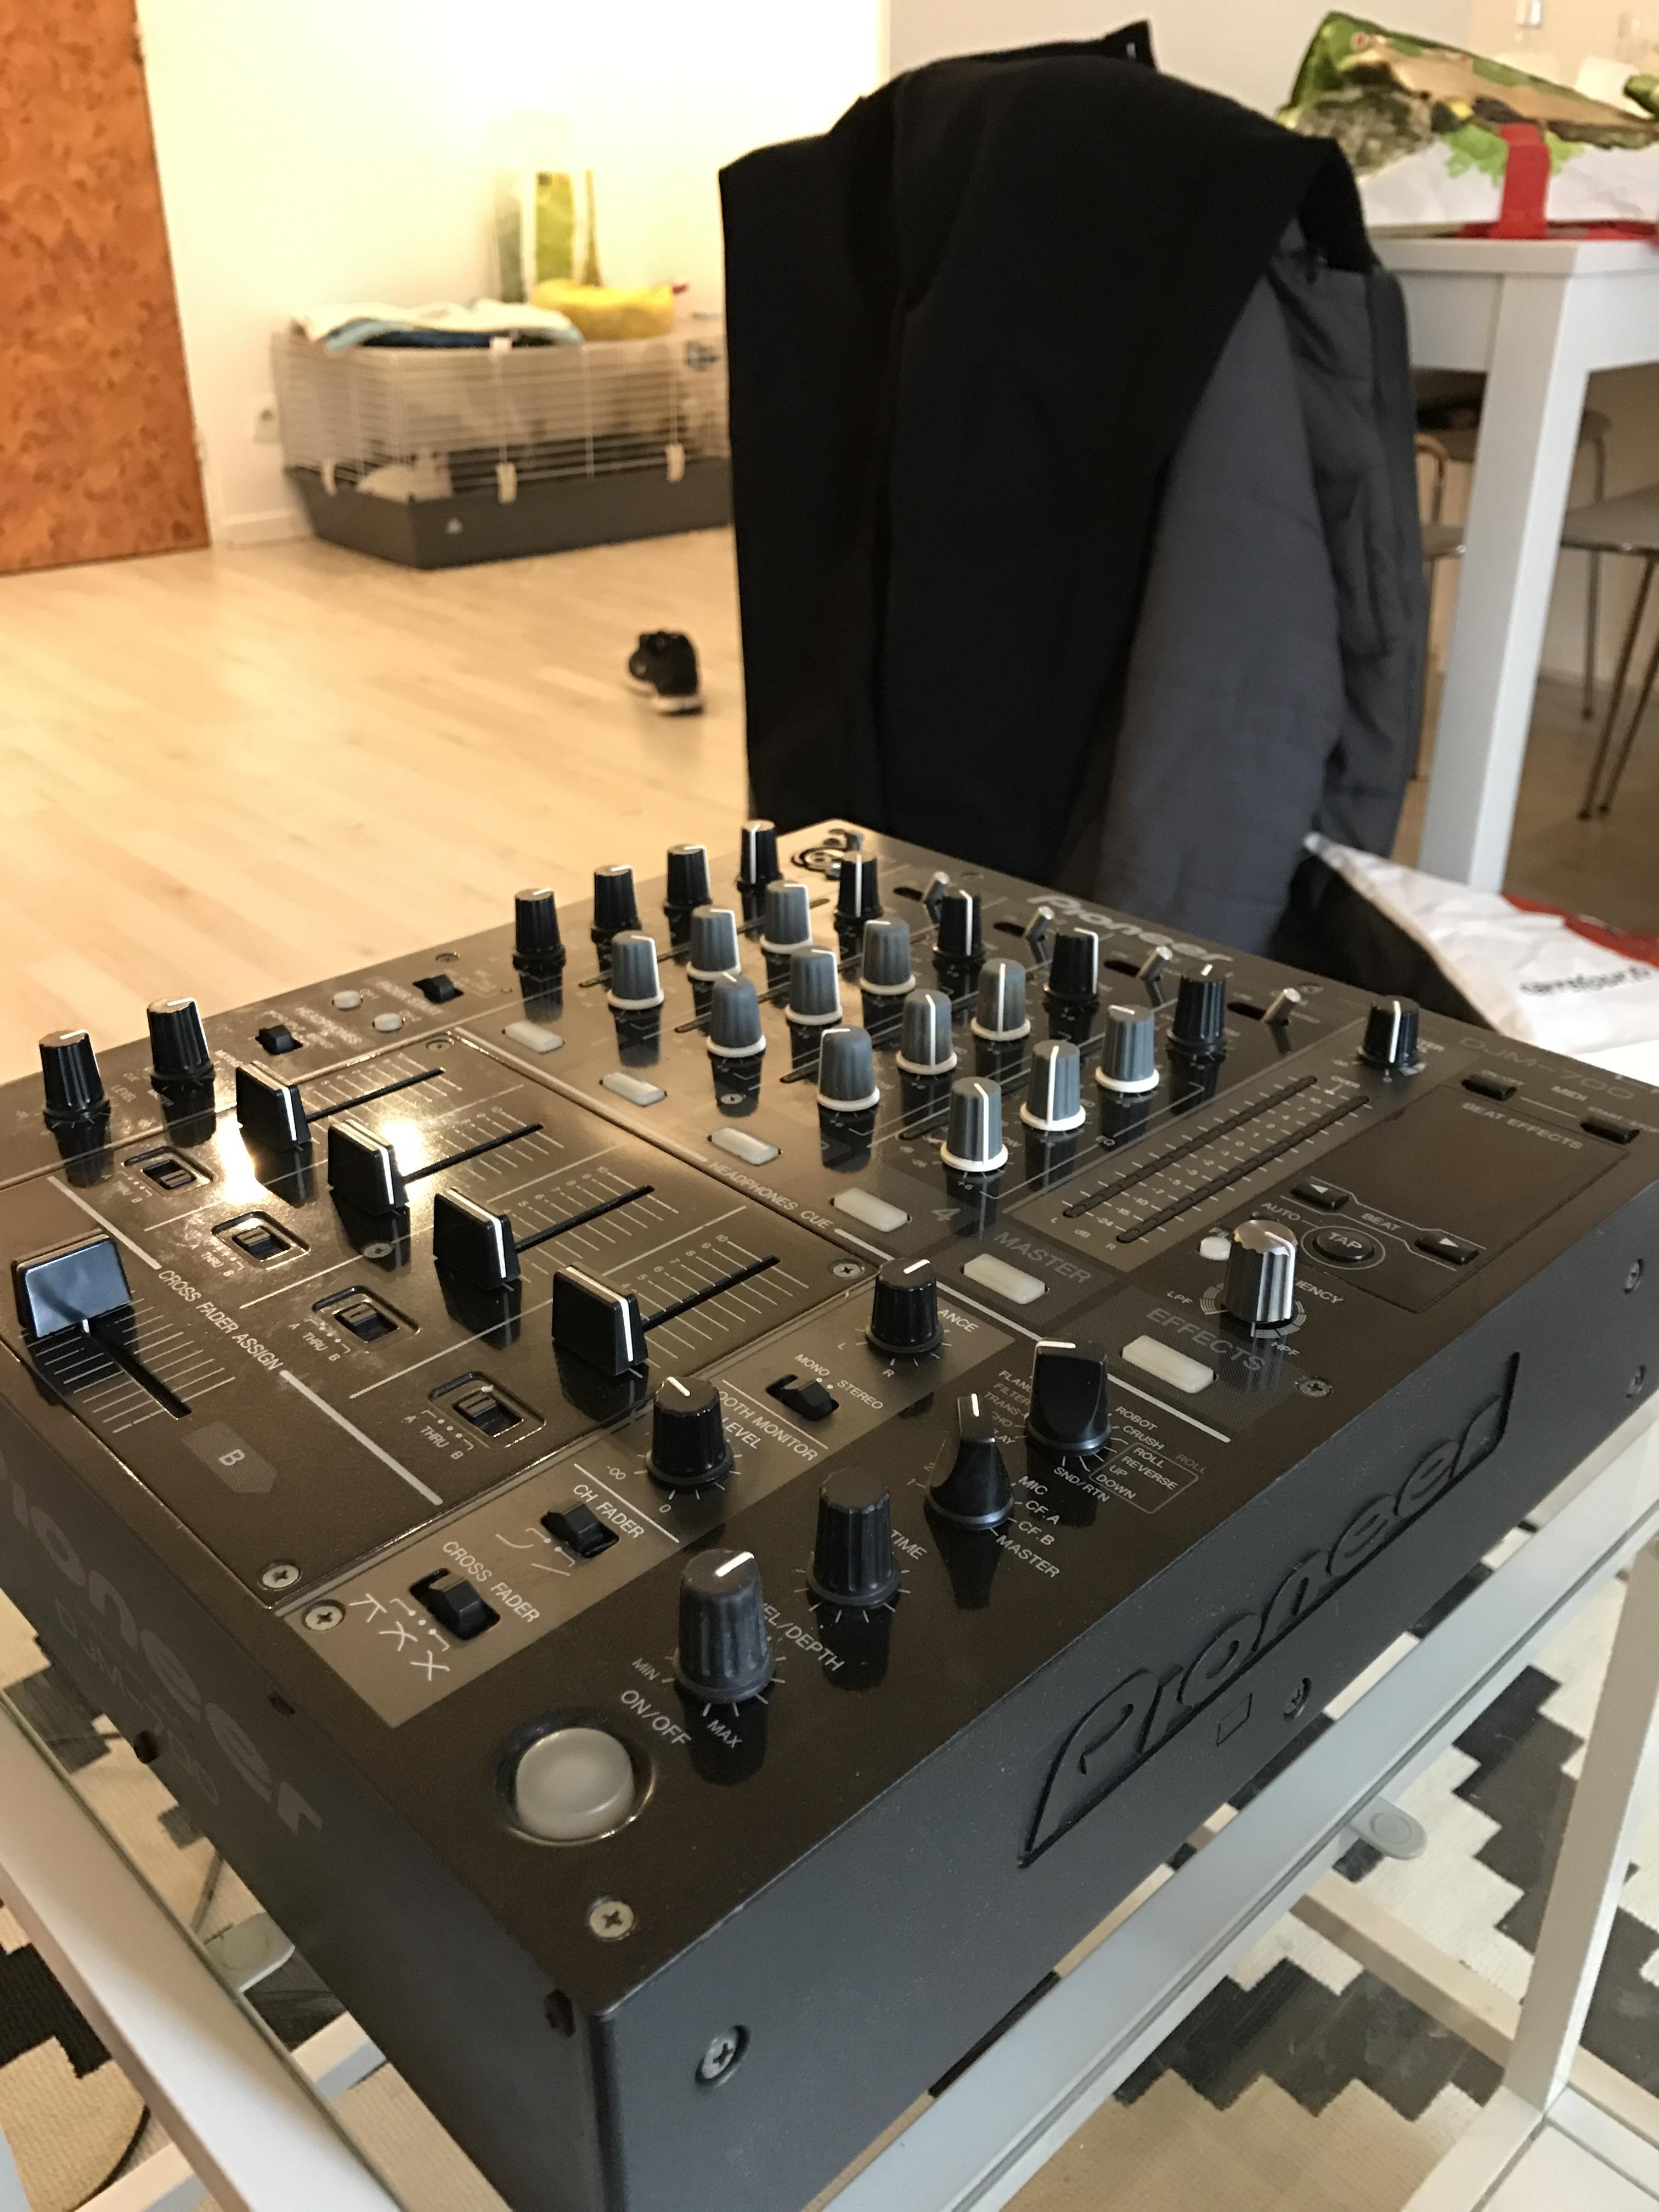 Vend table de mixage djm 700 k pioneer ile de france - Table de mixage pioneer occasion ...